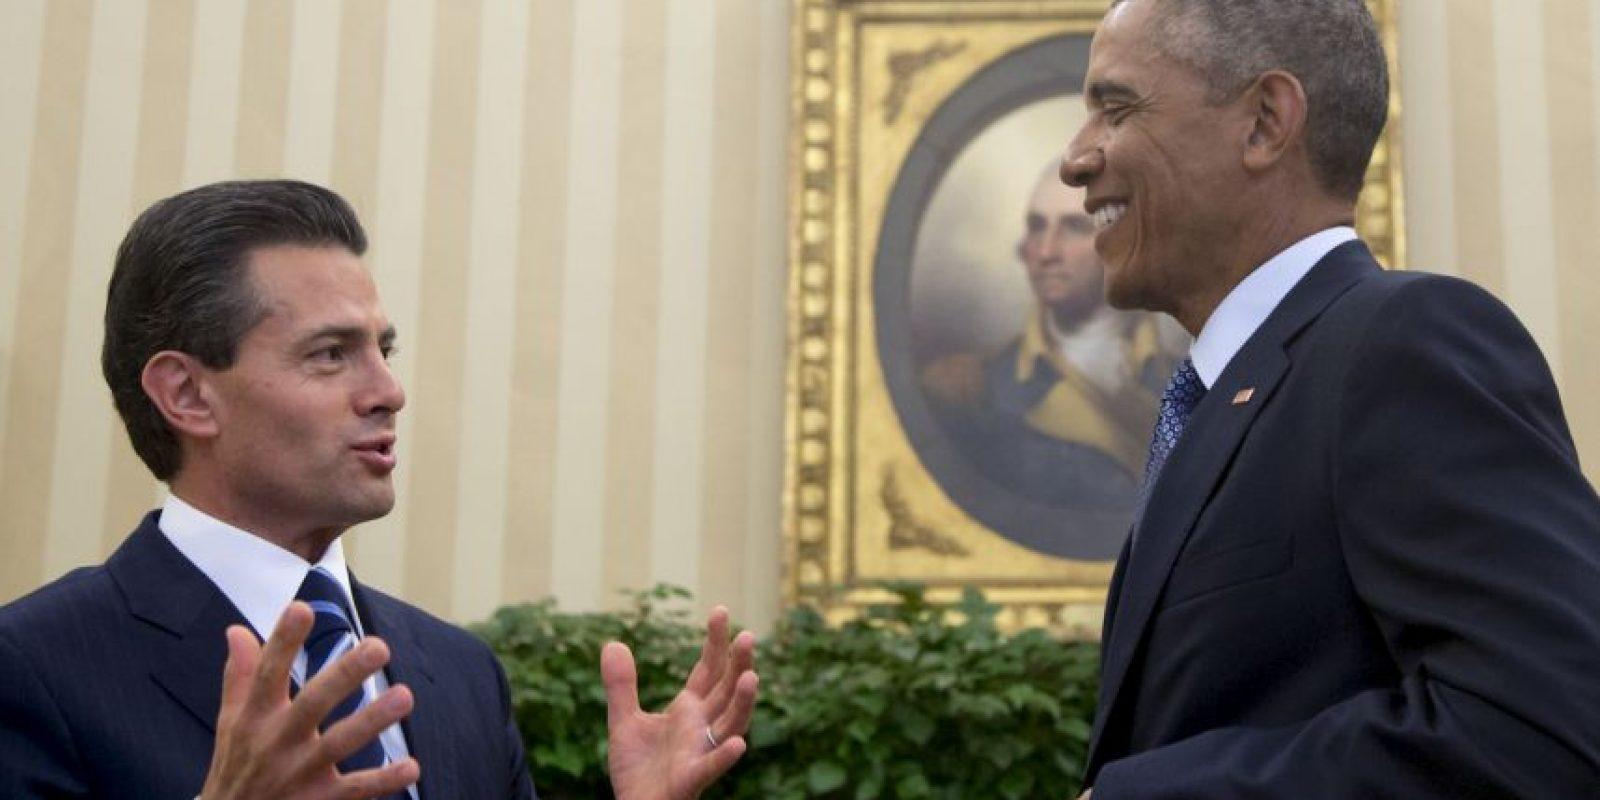 Esta es la primera visita de Peña Nieto a la Casa Blanca como presidente de México. Foto:AP